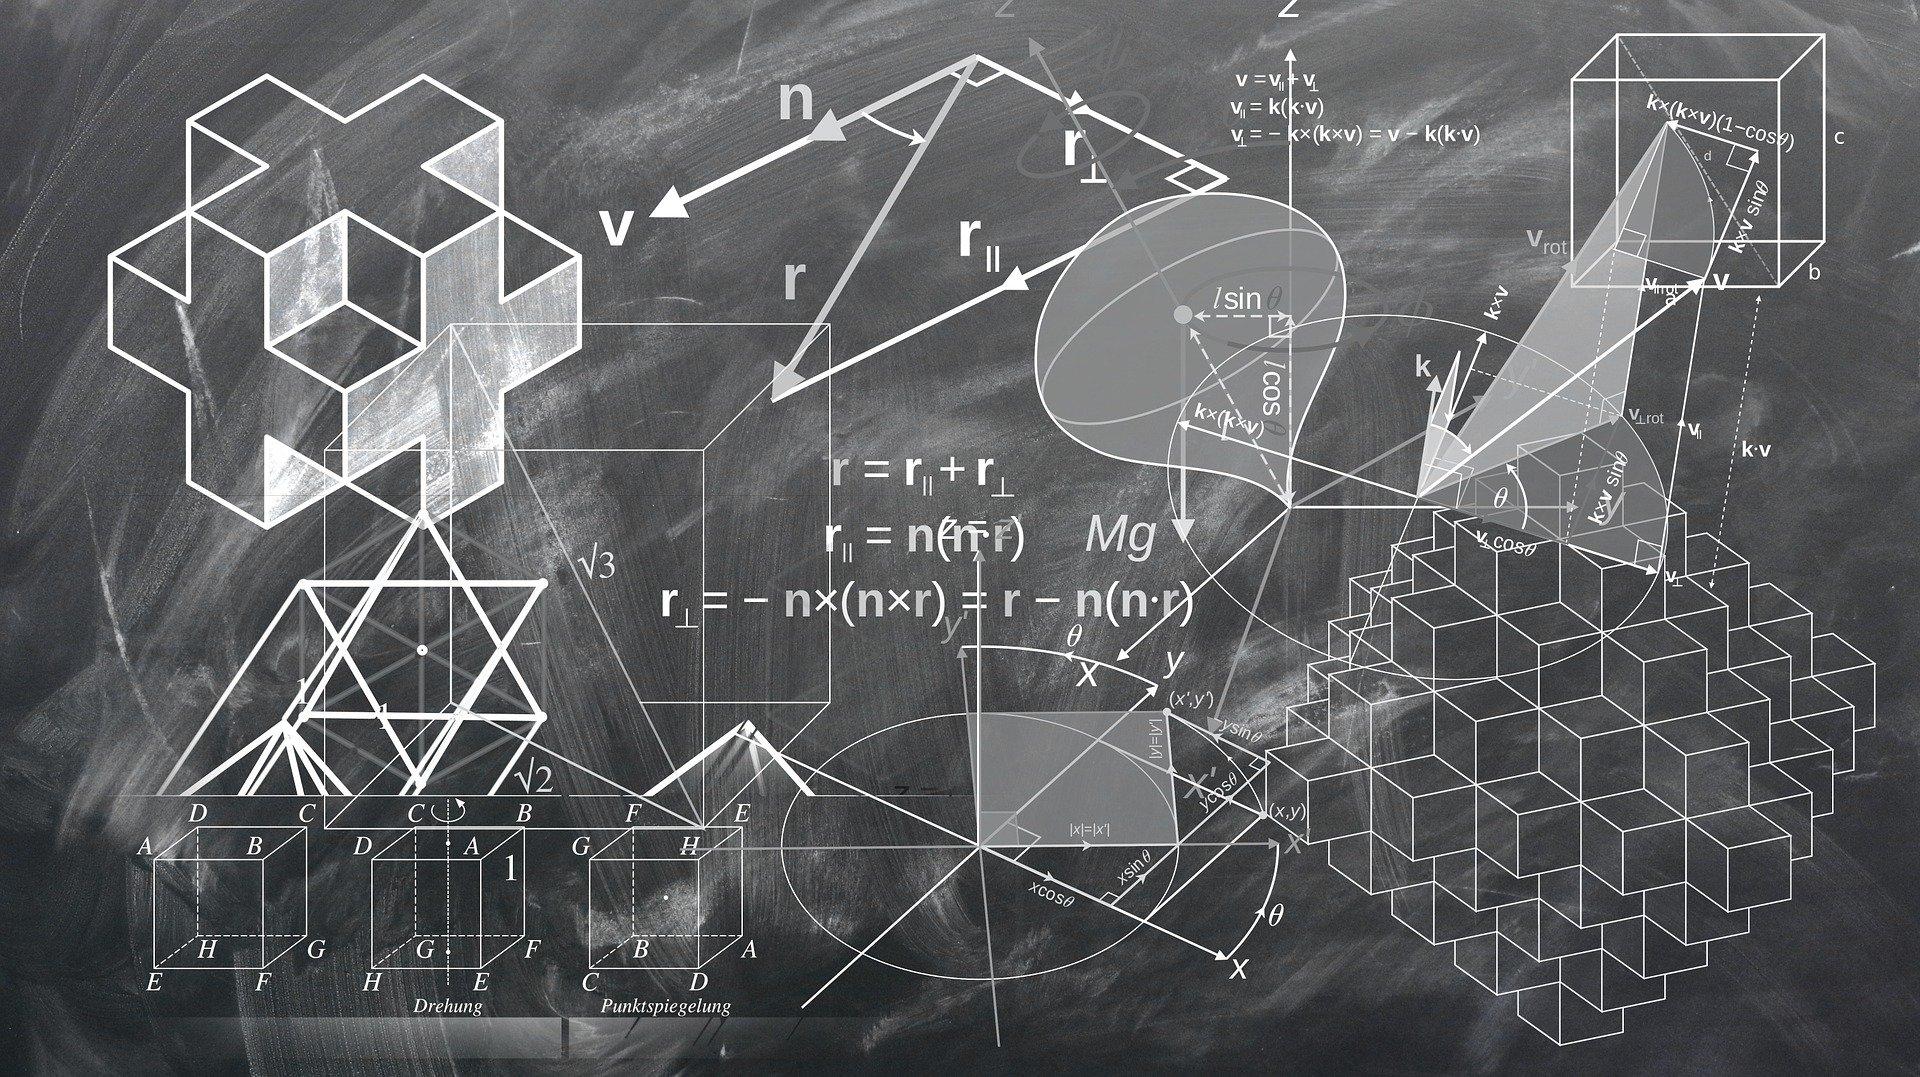 رشته های شناور ارشد کنکور ریاضی